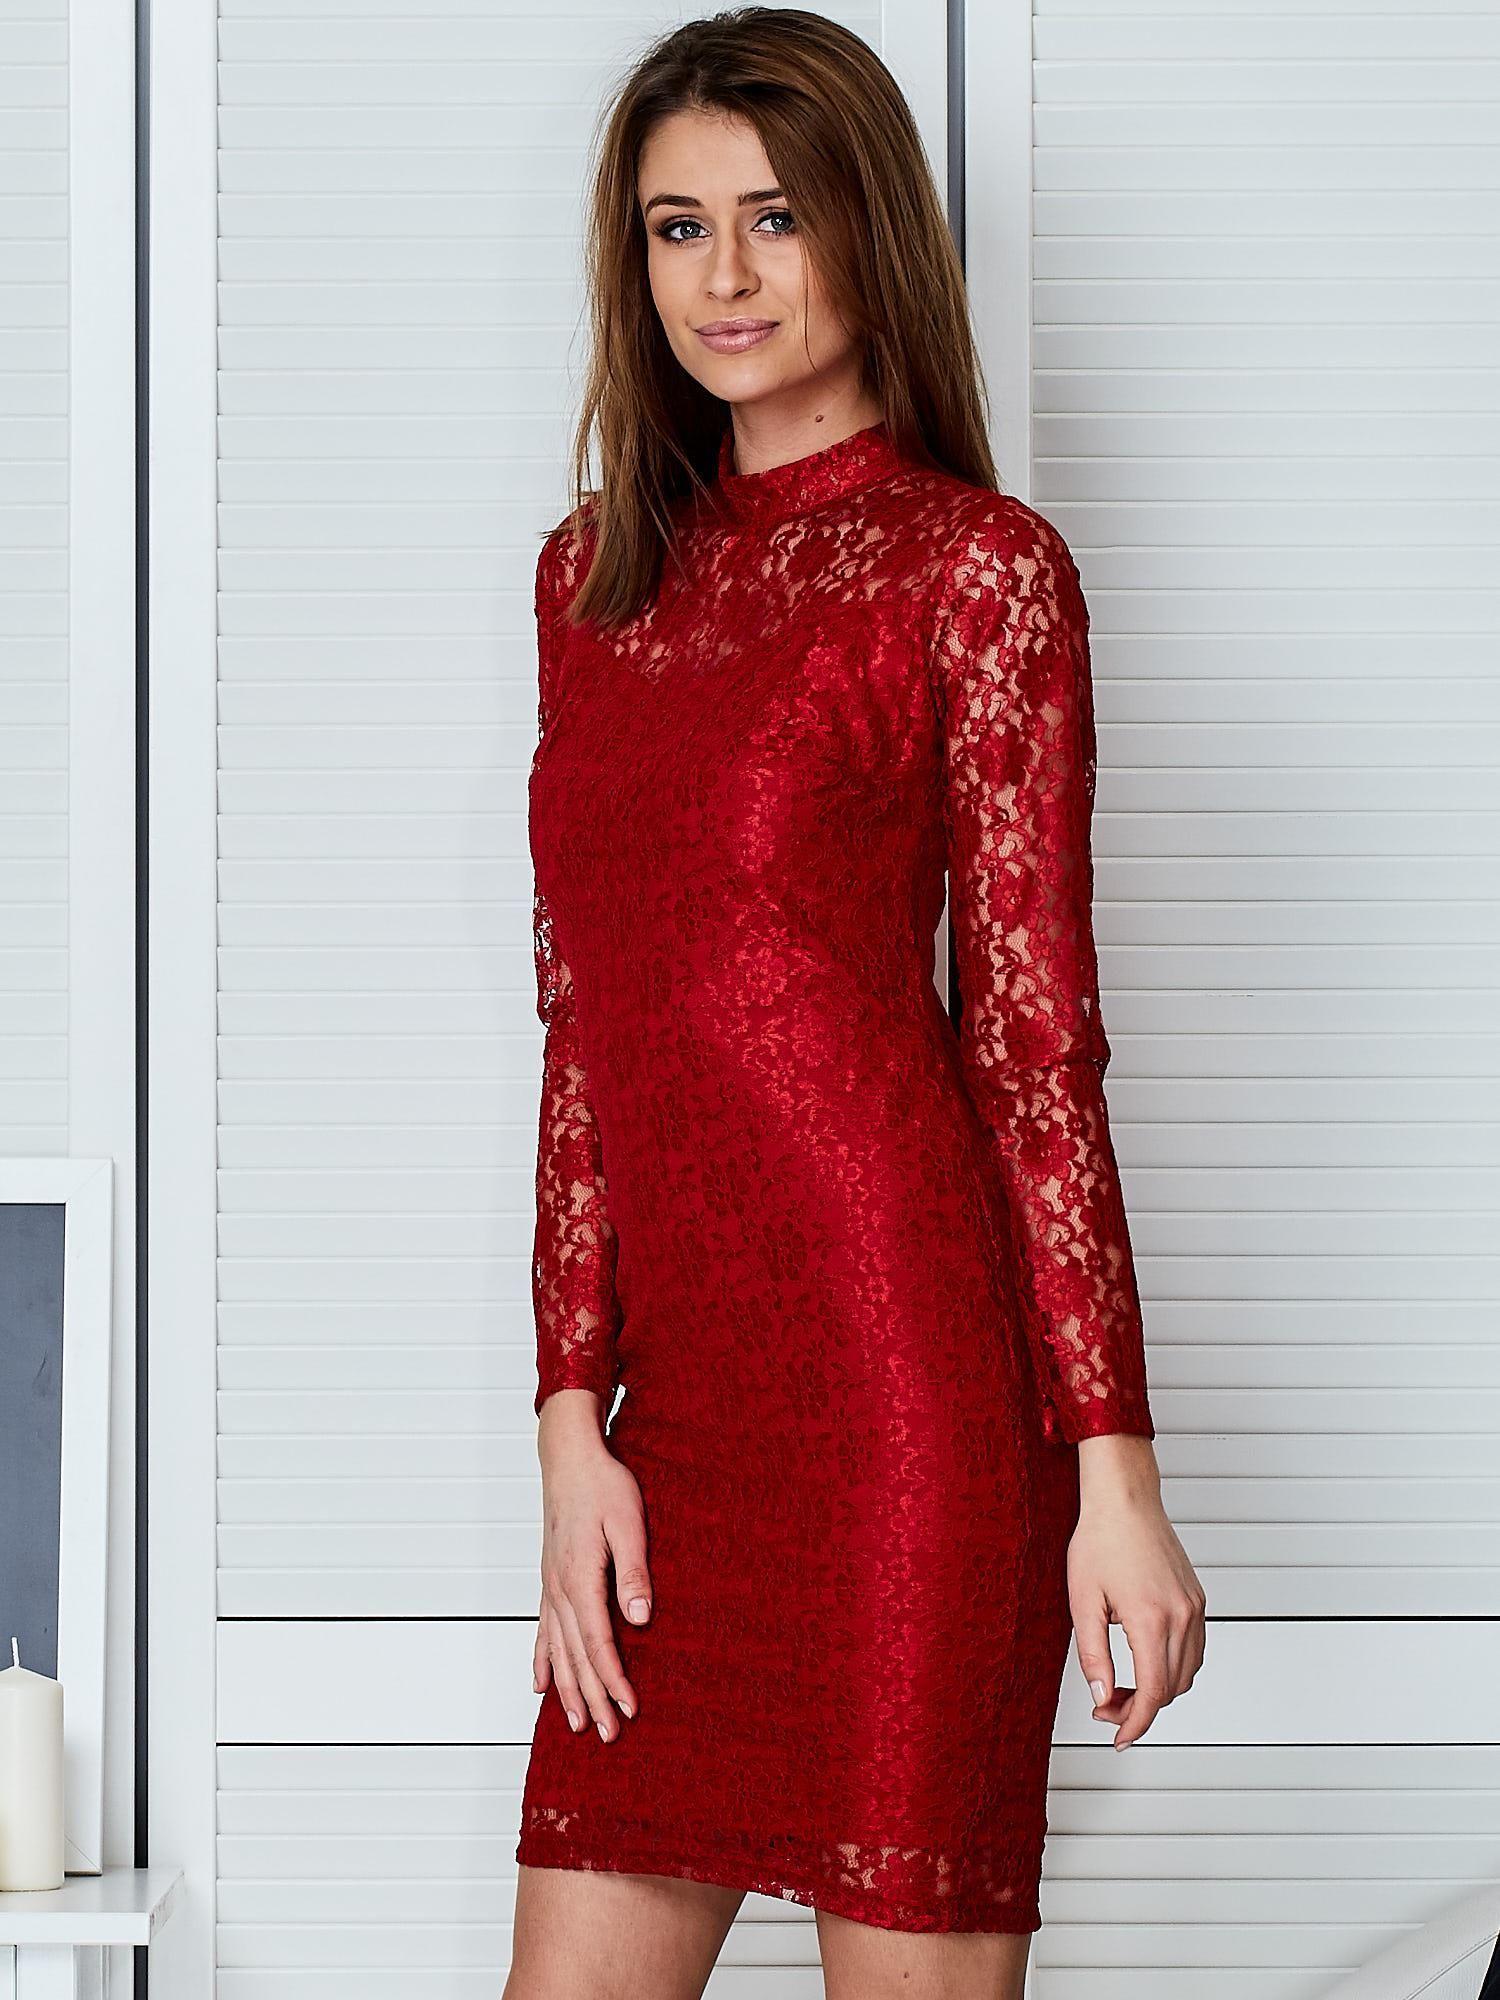 aed0f0f7f4 Czerwona Sukienka Koronkowa Dla Dziewczynki. Czerwona elegancka koronkowa  sukienka - Sukienka .